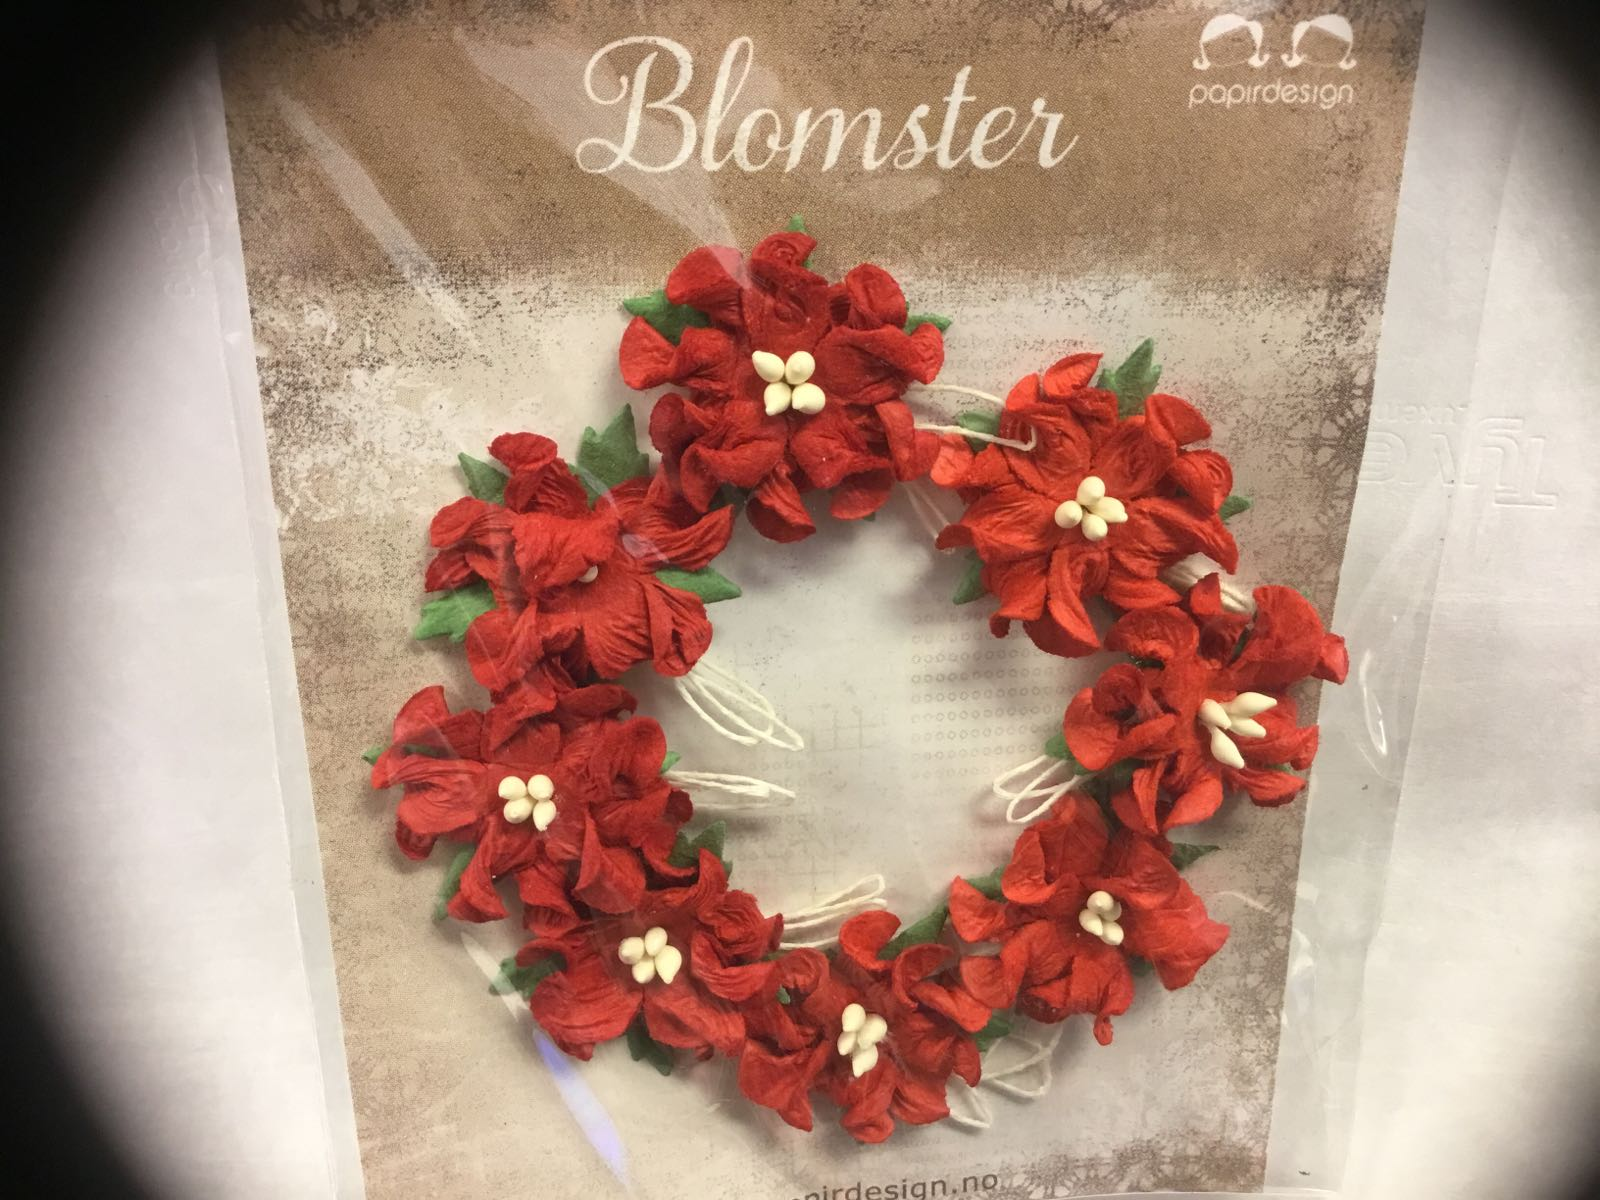 Papirdesign blomster, gardenia, røde,små, 2,5cm. 8 stk pr pk.